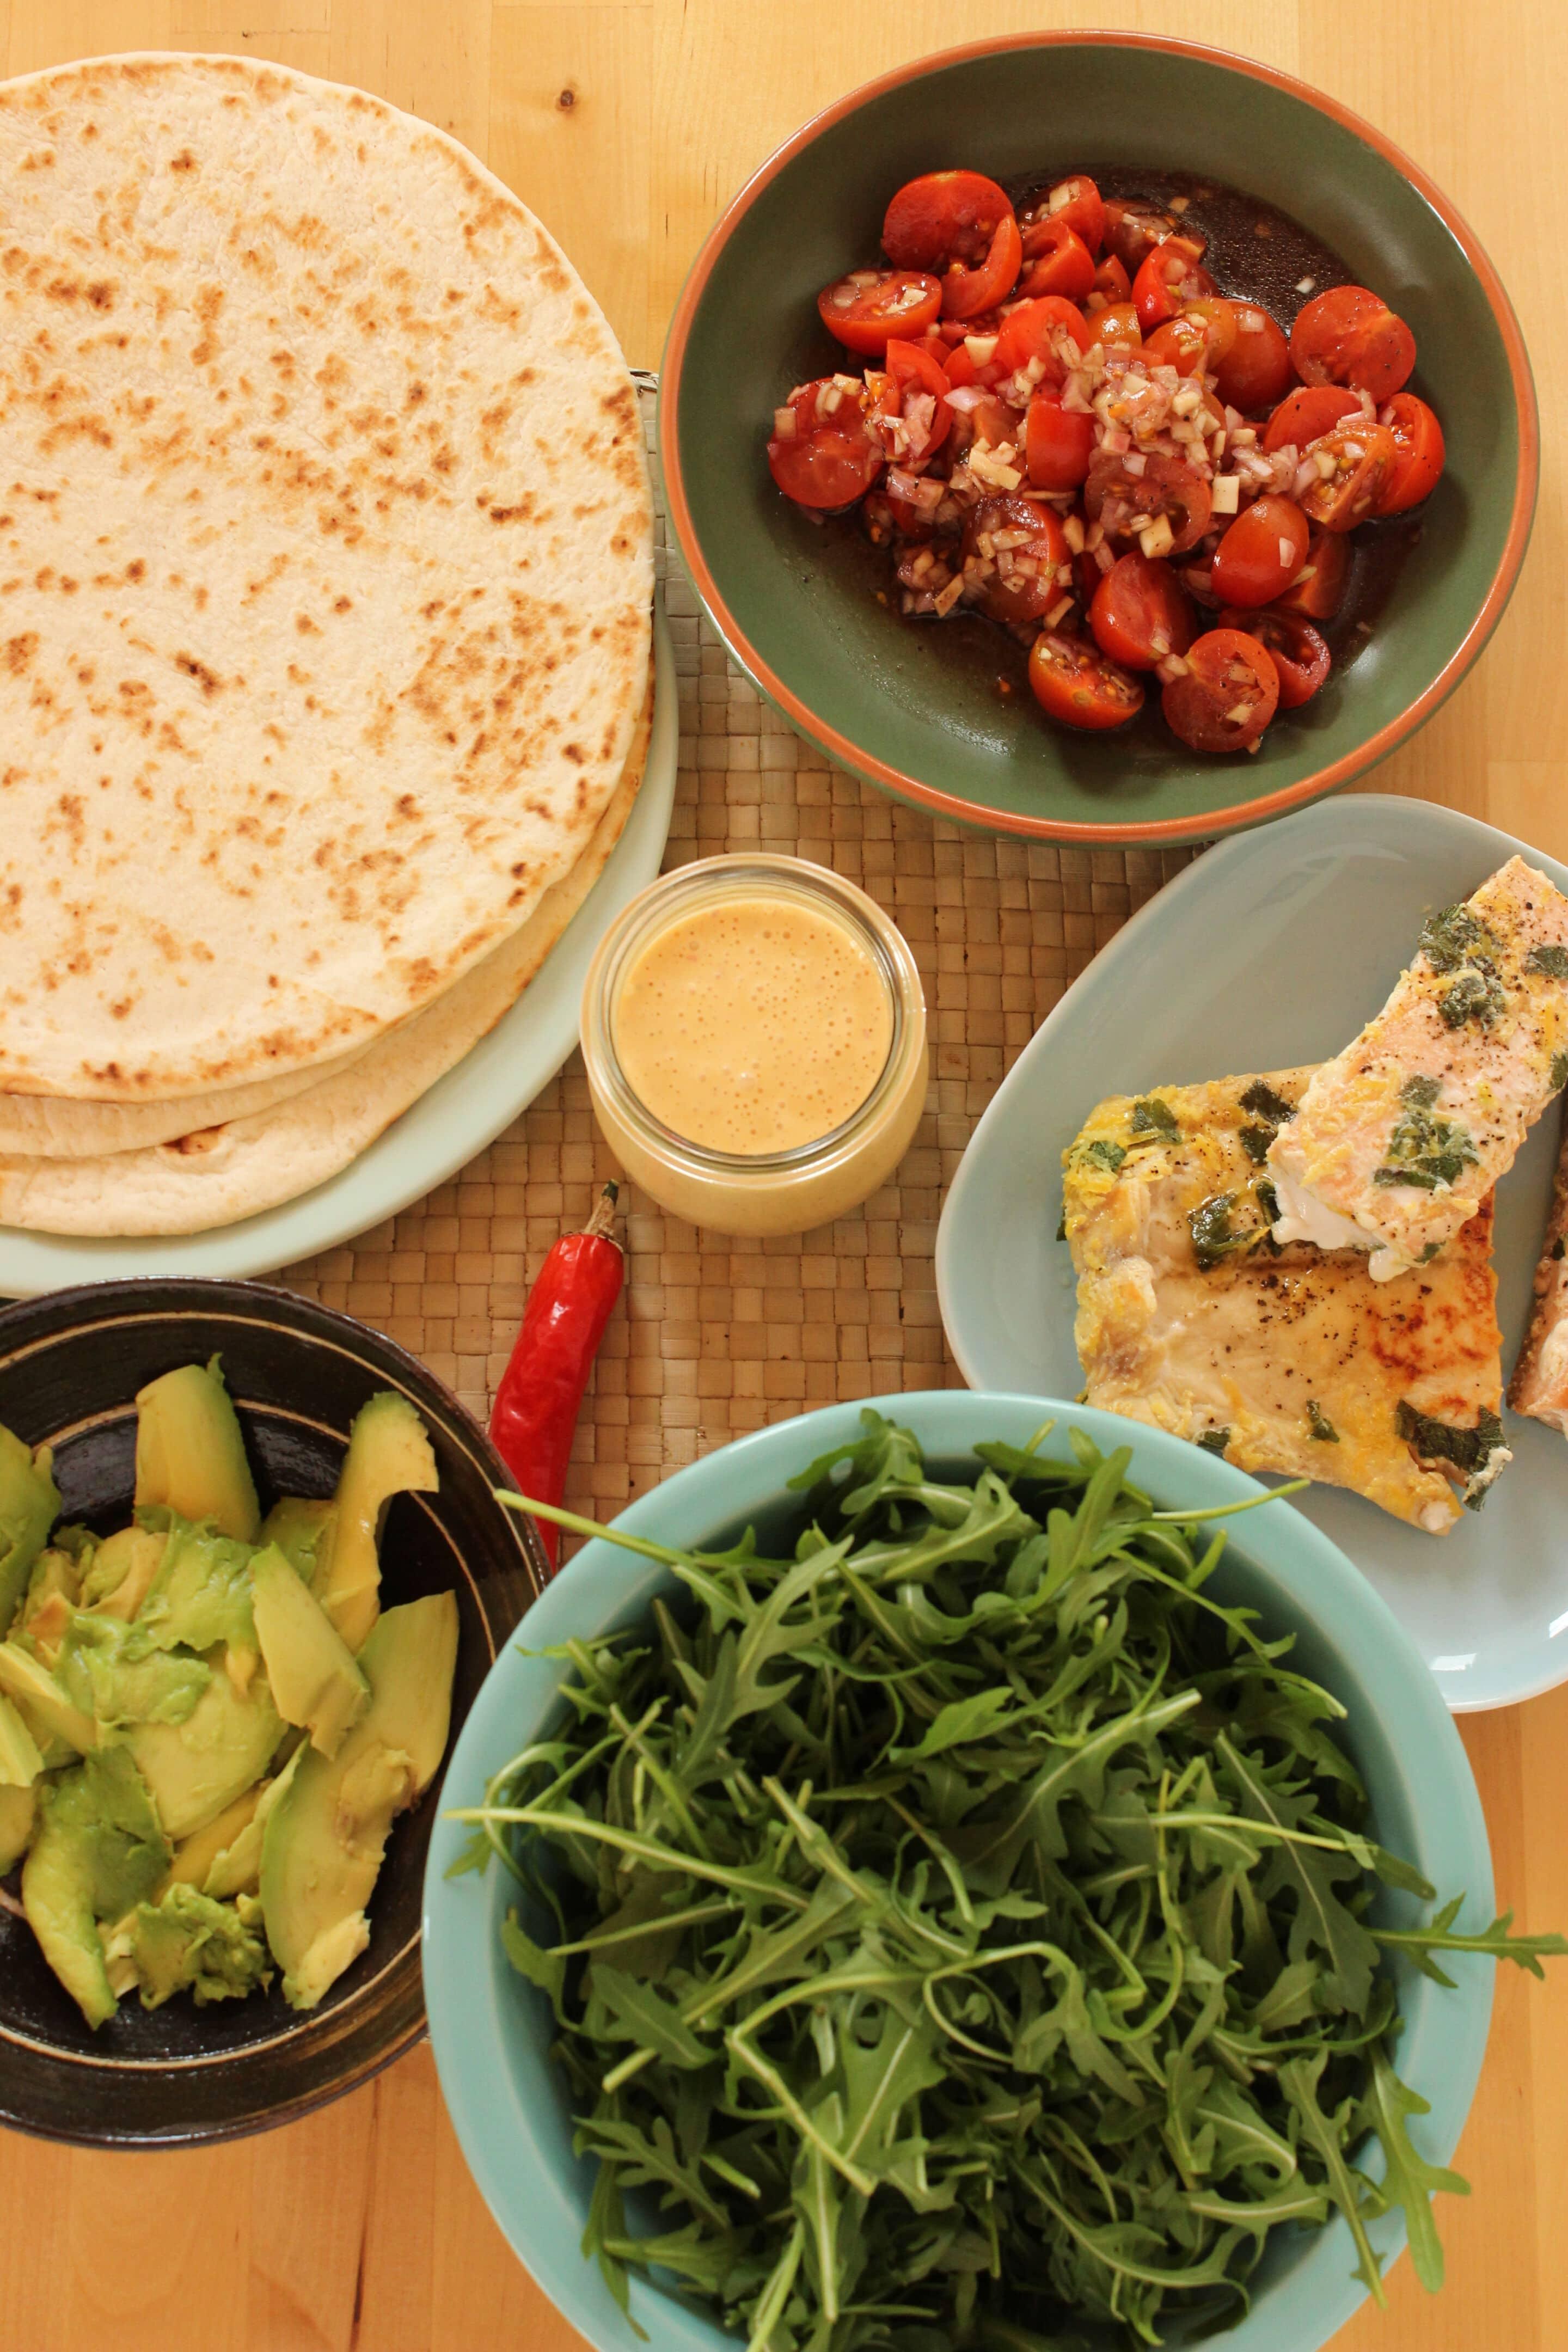 Wraps gefüllt mit Salbeilachs, Tomatensalsa und Chilimayonnaise oder mein neues Kochbuch aus Wien